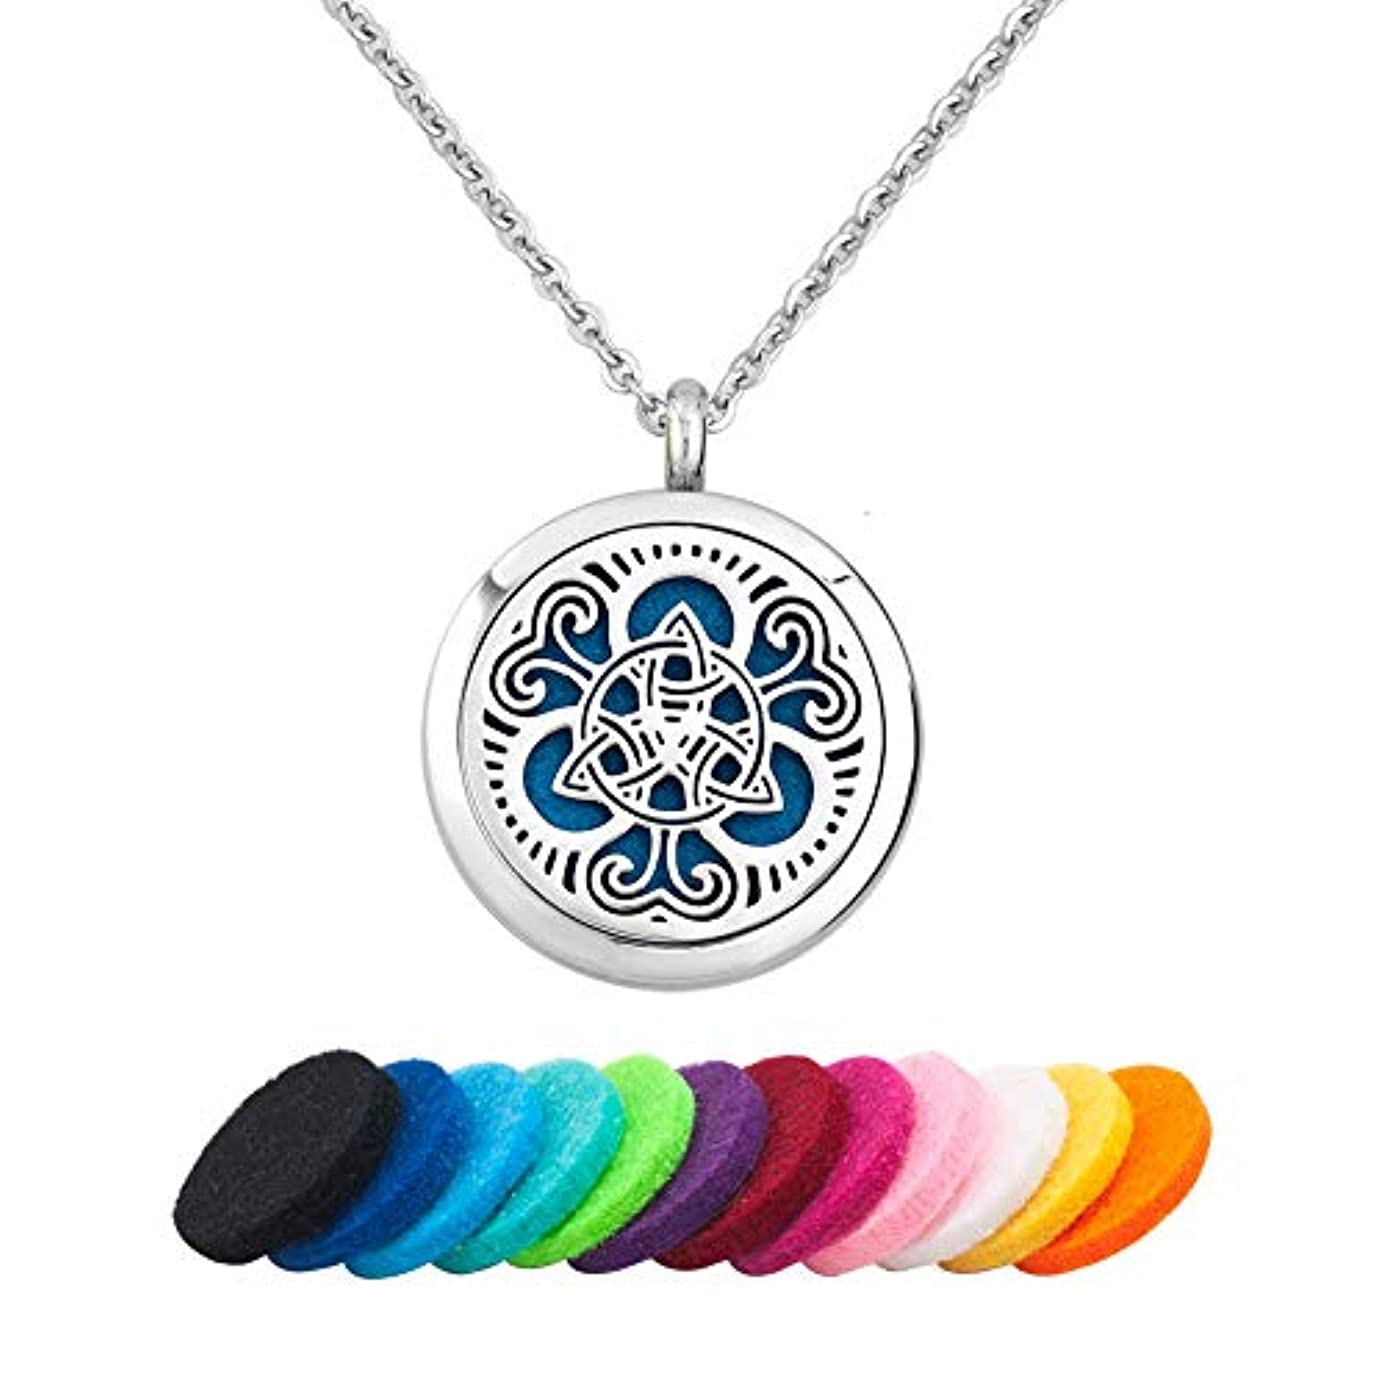 必要ニッケル癌JewelryJo ケルトノットデザイン アロマセラピーエッセンシャルオイルディフューザーネックレス 香水ペンダント 詰め替えパッド付き シルバー